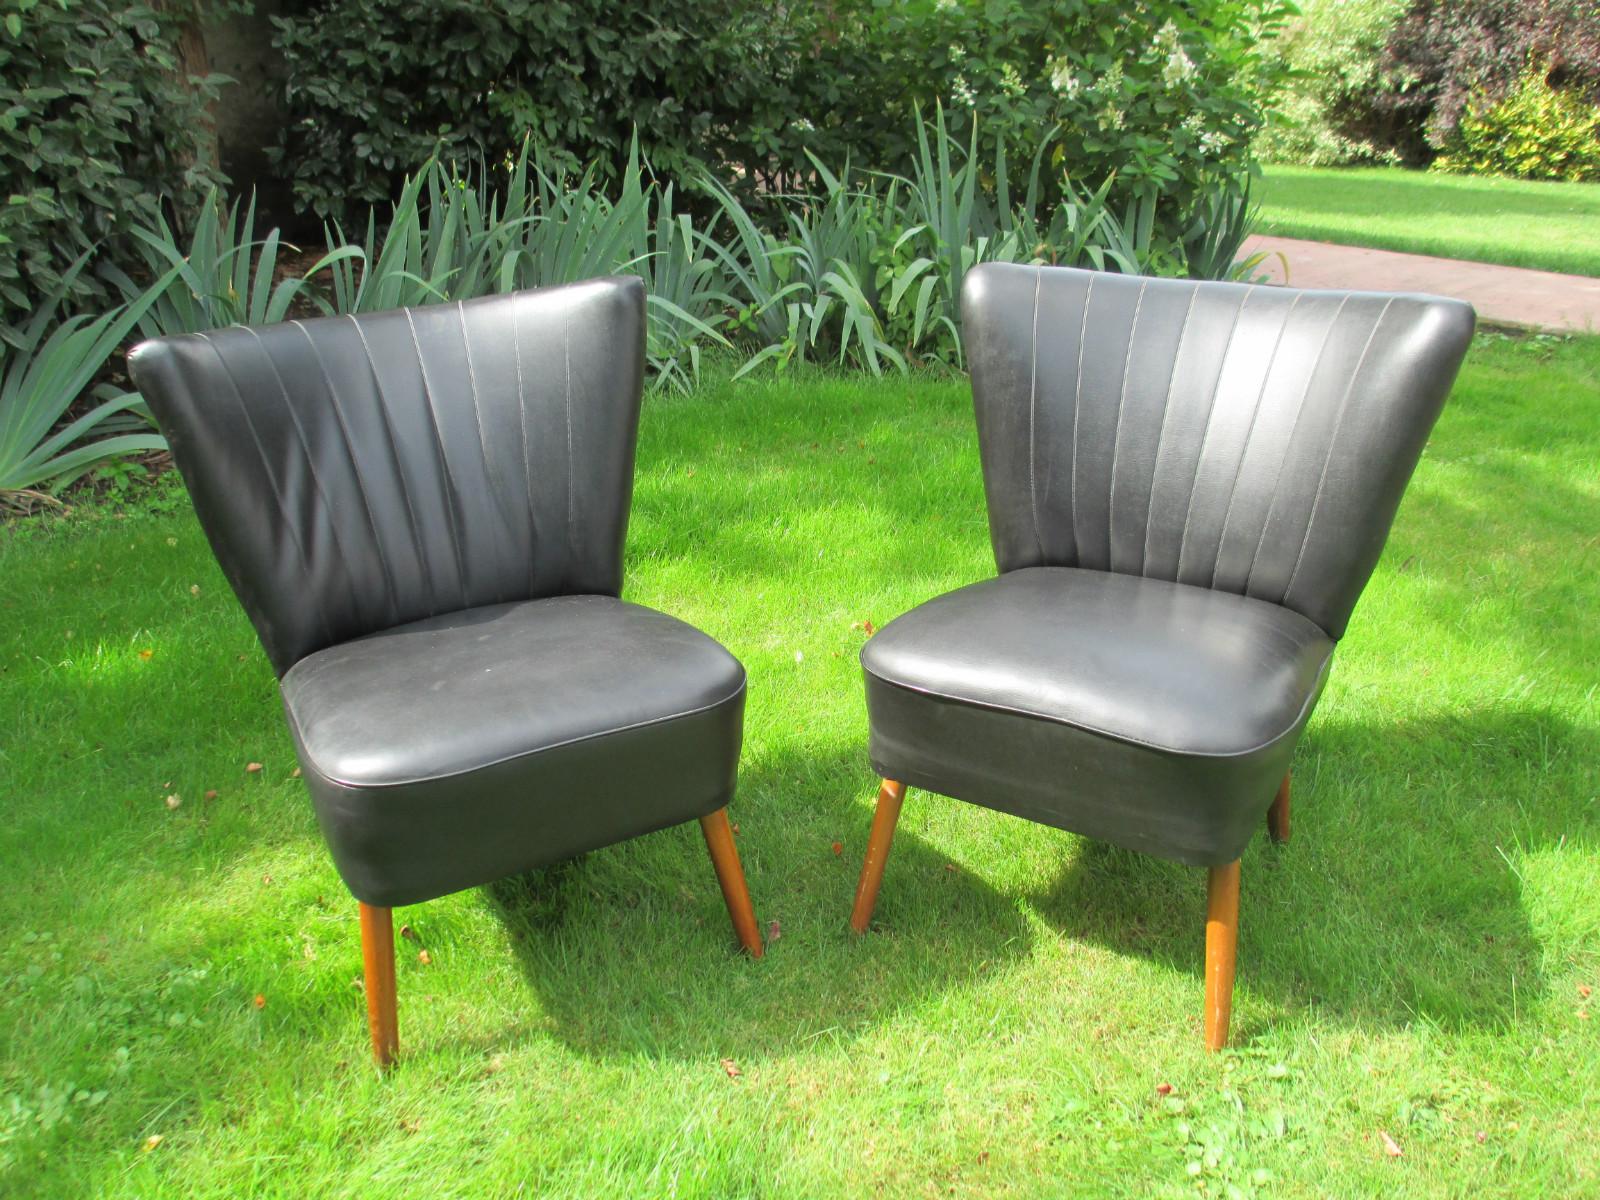 paire de fauteuil cocktail vintage skai noir - Fauteuil Cocktail Vintage